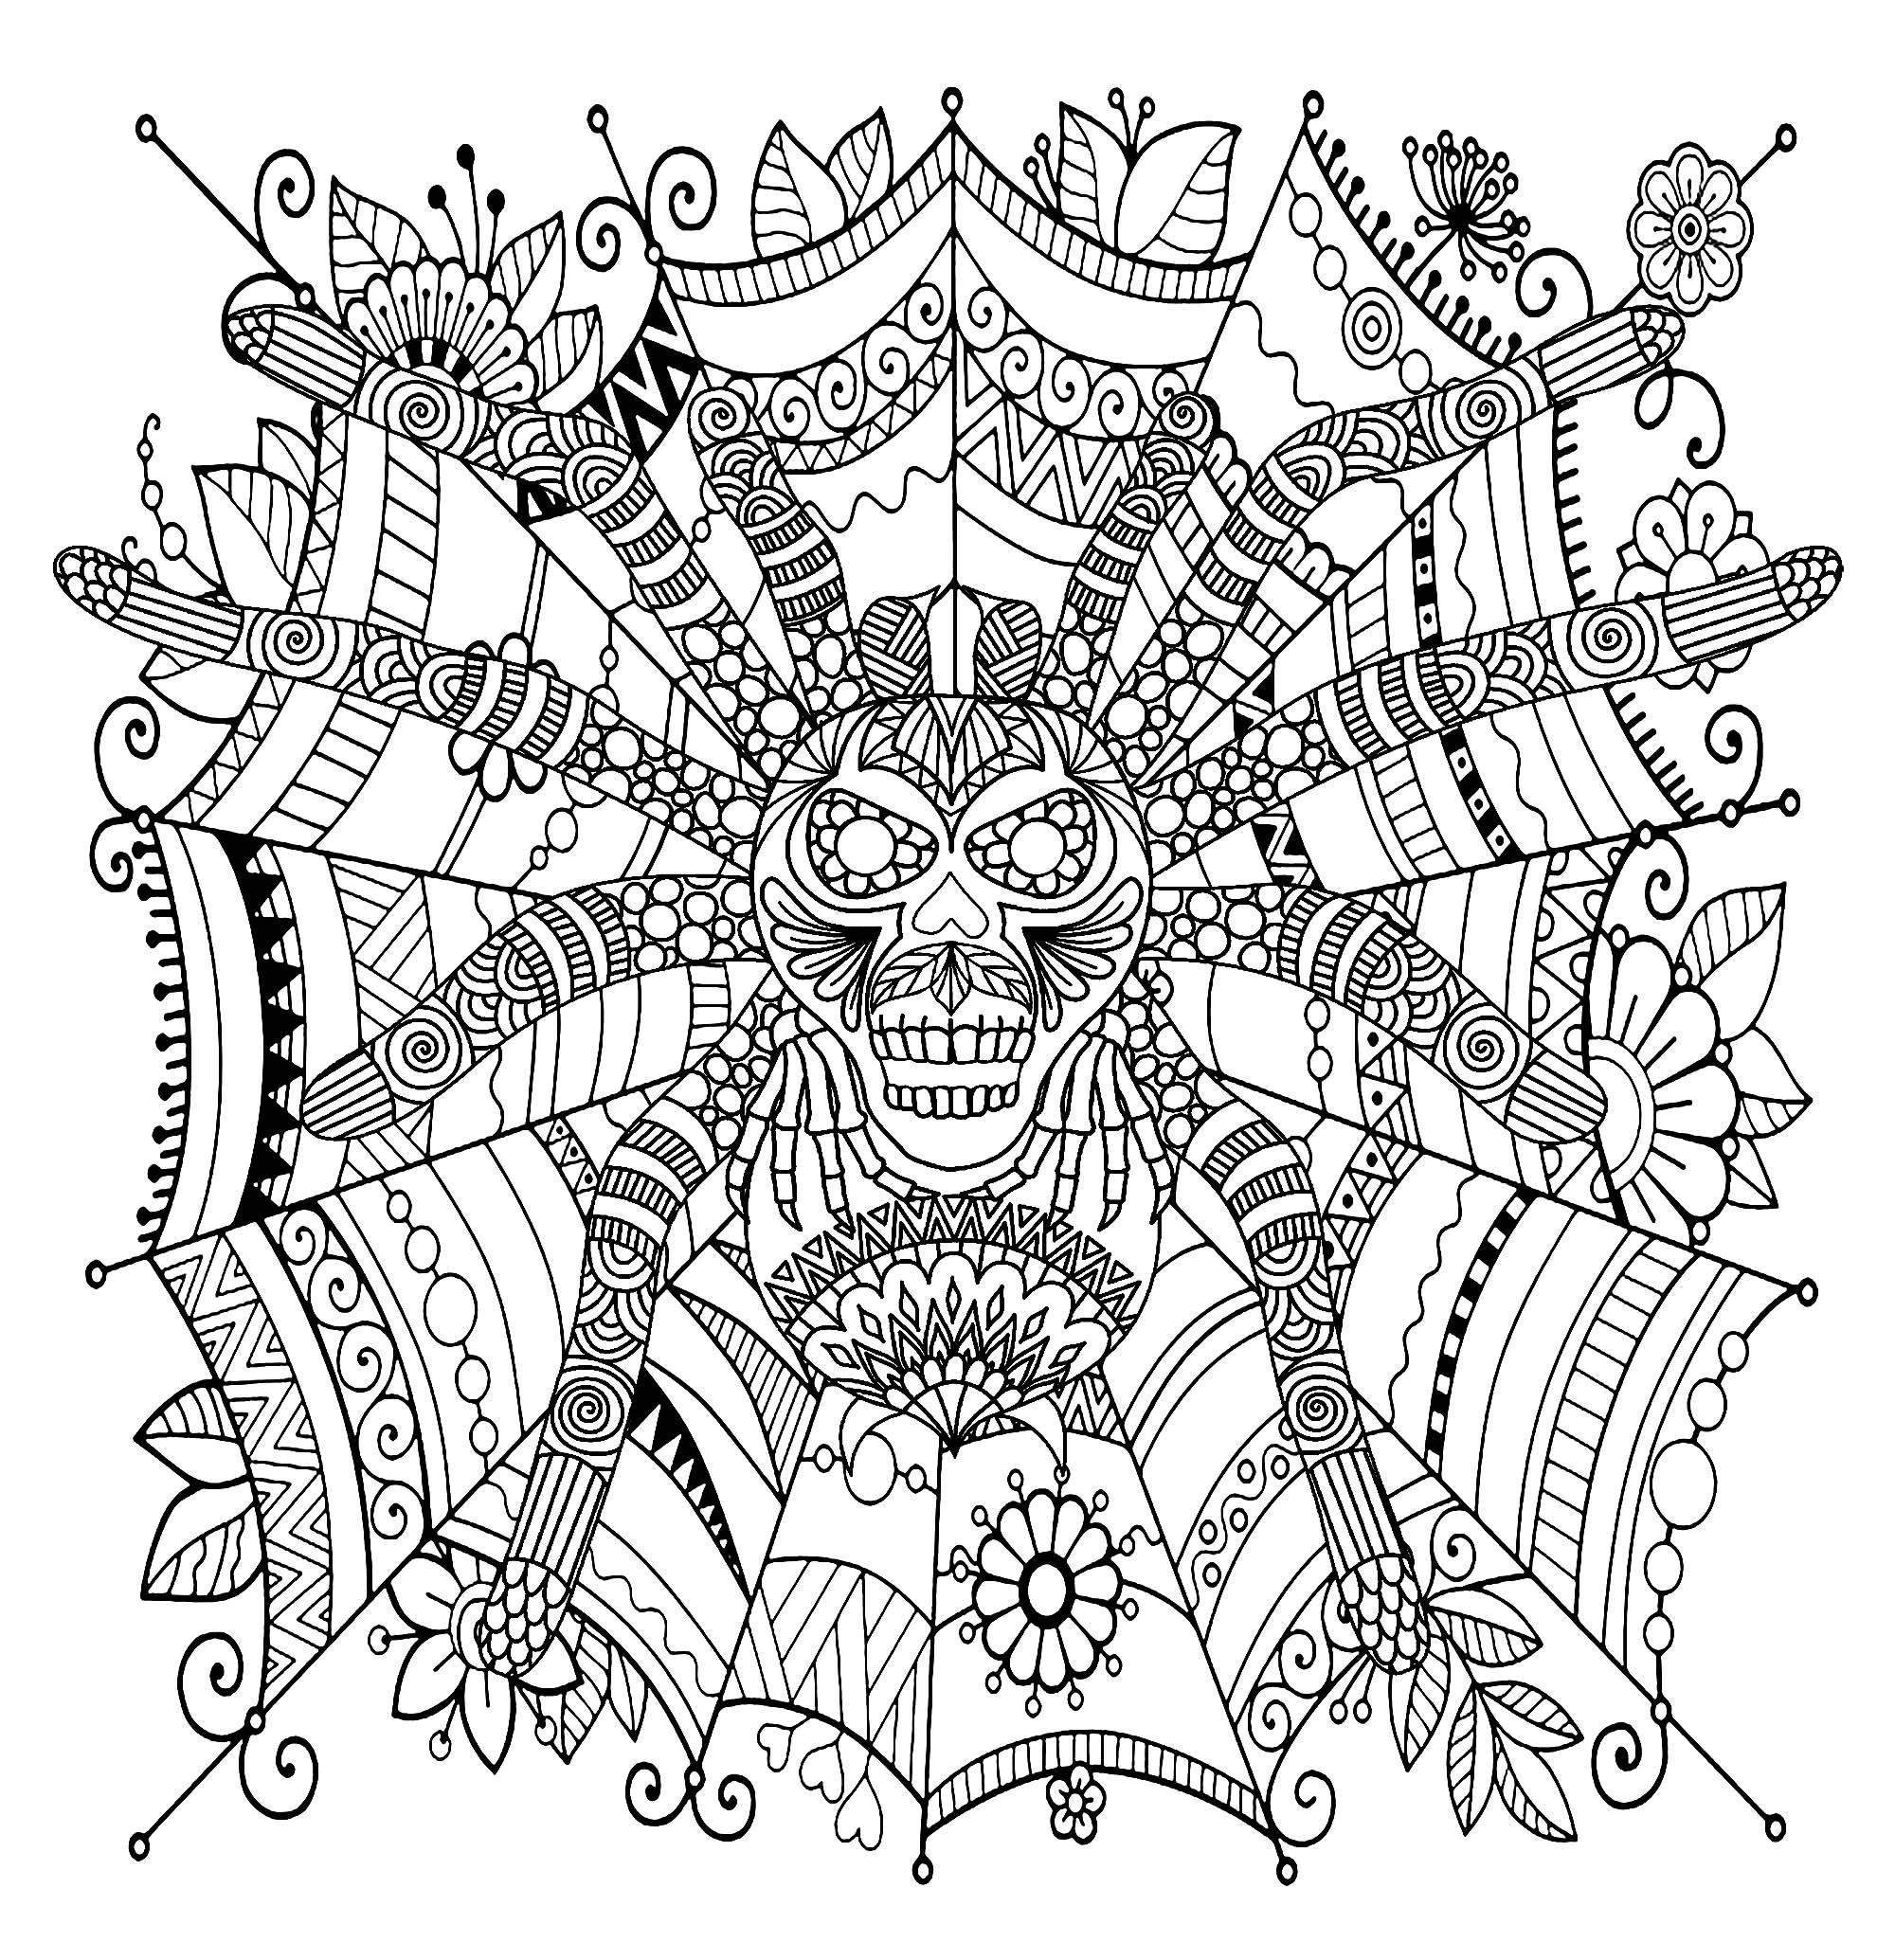 Mandala Araignée - Mandalas - Coloriages difficiles pour ...